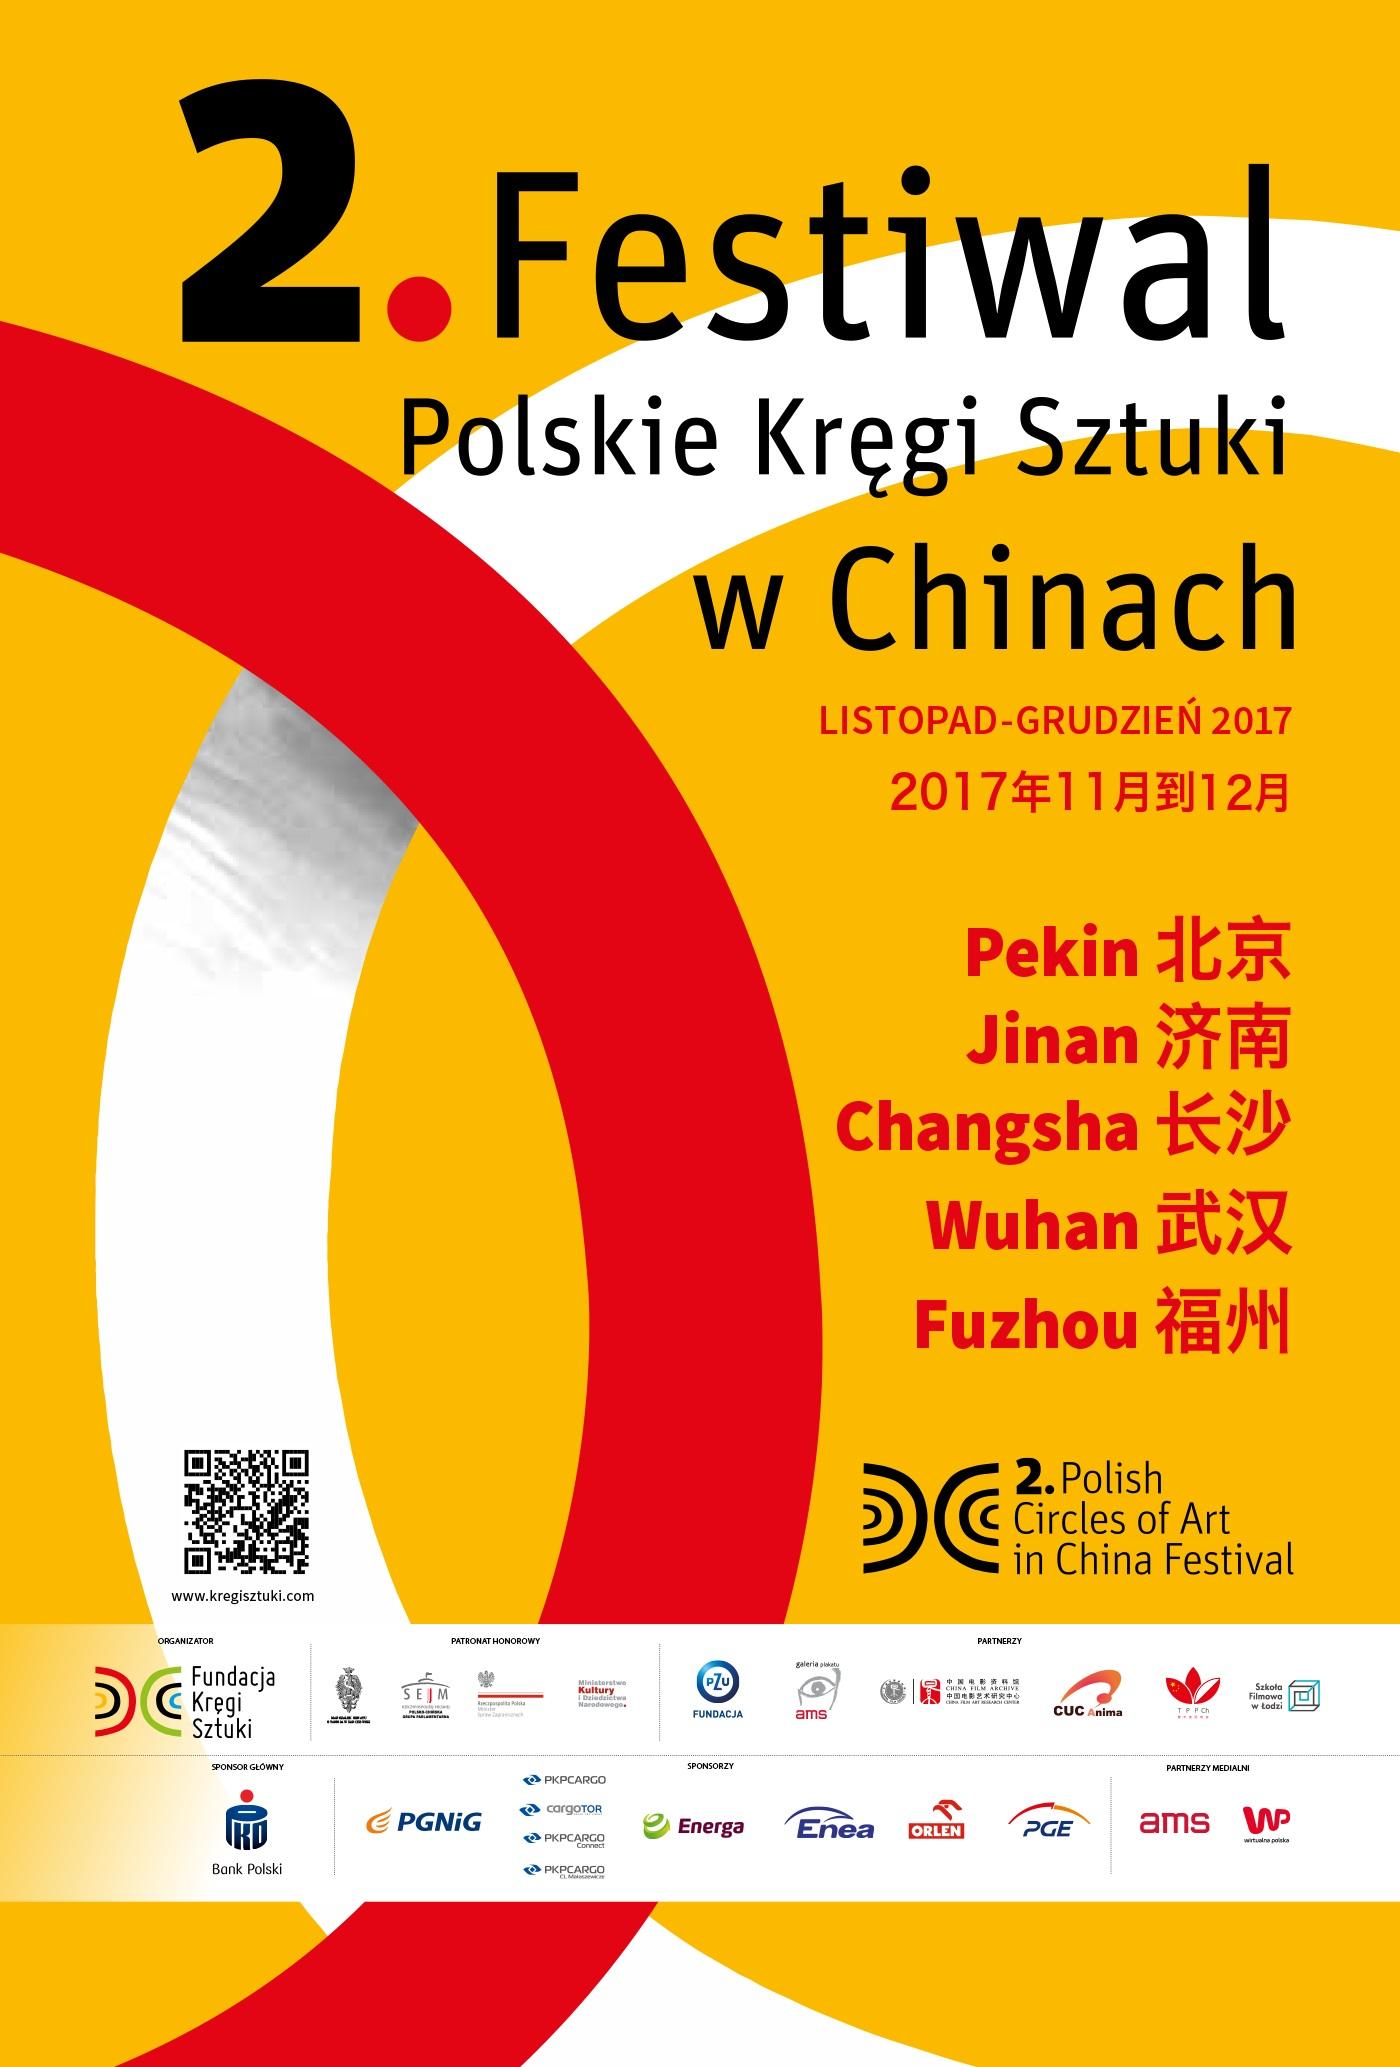 2. edycja Festiwalu Polskie Kręgi Sztuki w Chinach – plakat (źródło: materiały prasowe)